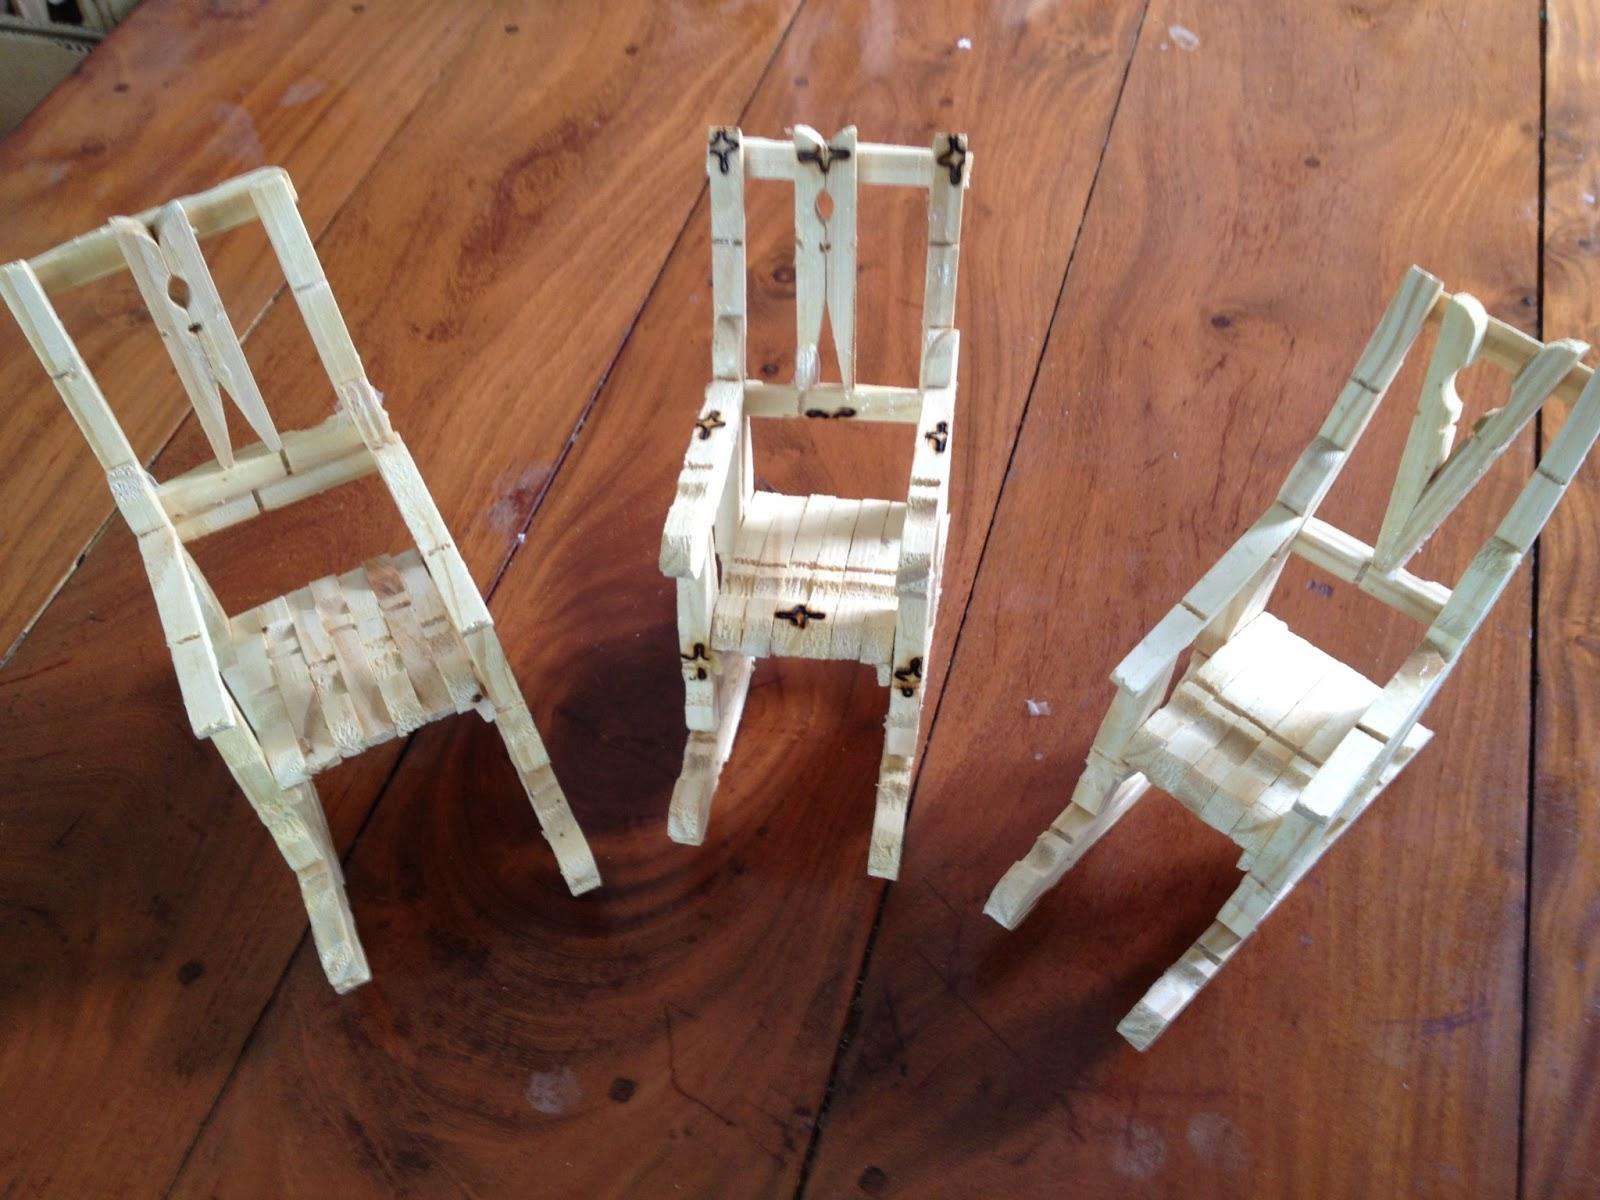 Artesanato do Amigão: Cadeira de balanço pregador #3C1E17 1600x1200